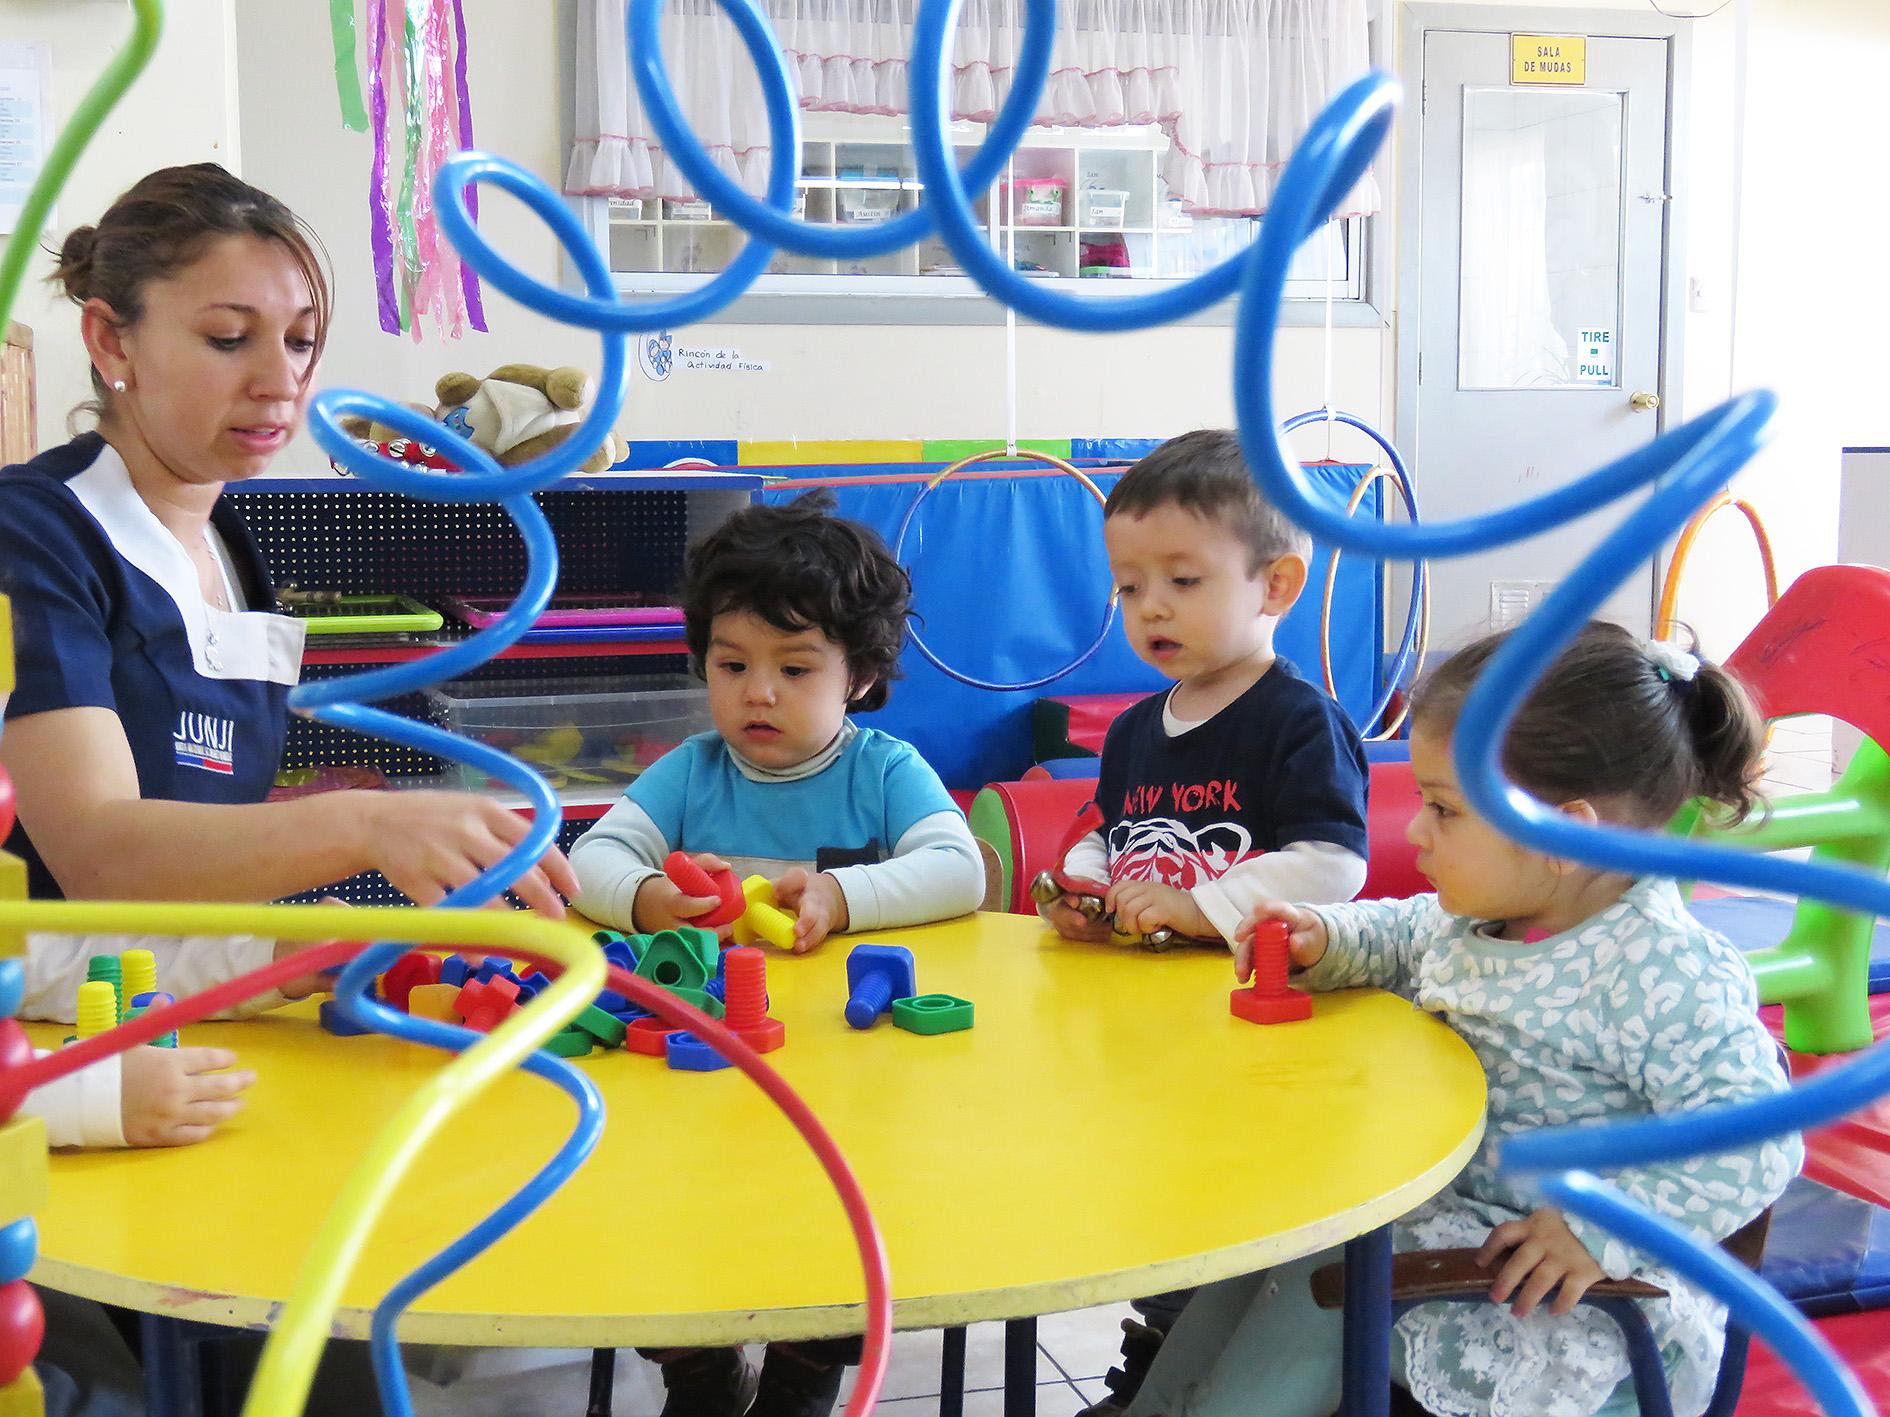 ABIERTAS INSCRIPCIONES Y MATRÍCULAS EN SALAS CUNAS Y JARDINES INFANTILES ADMINISTRADOS POR EL MUNICIPIO